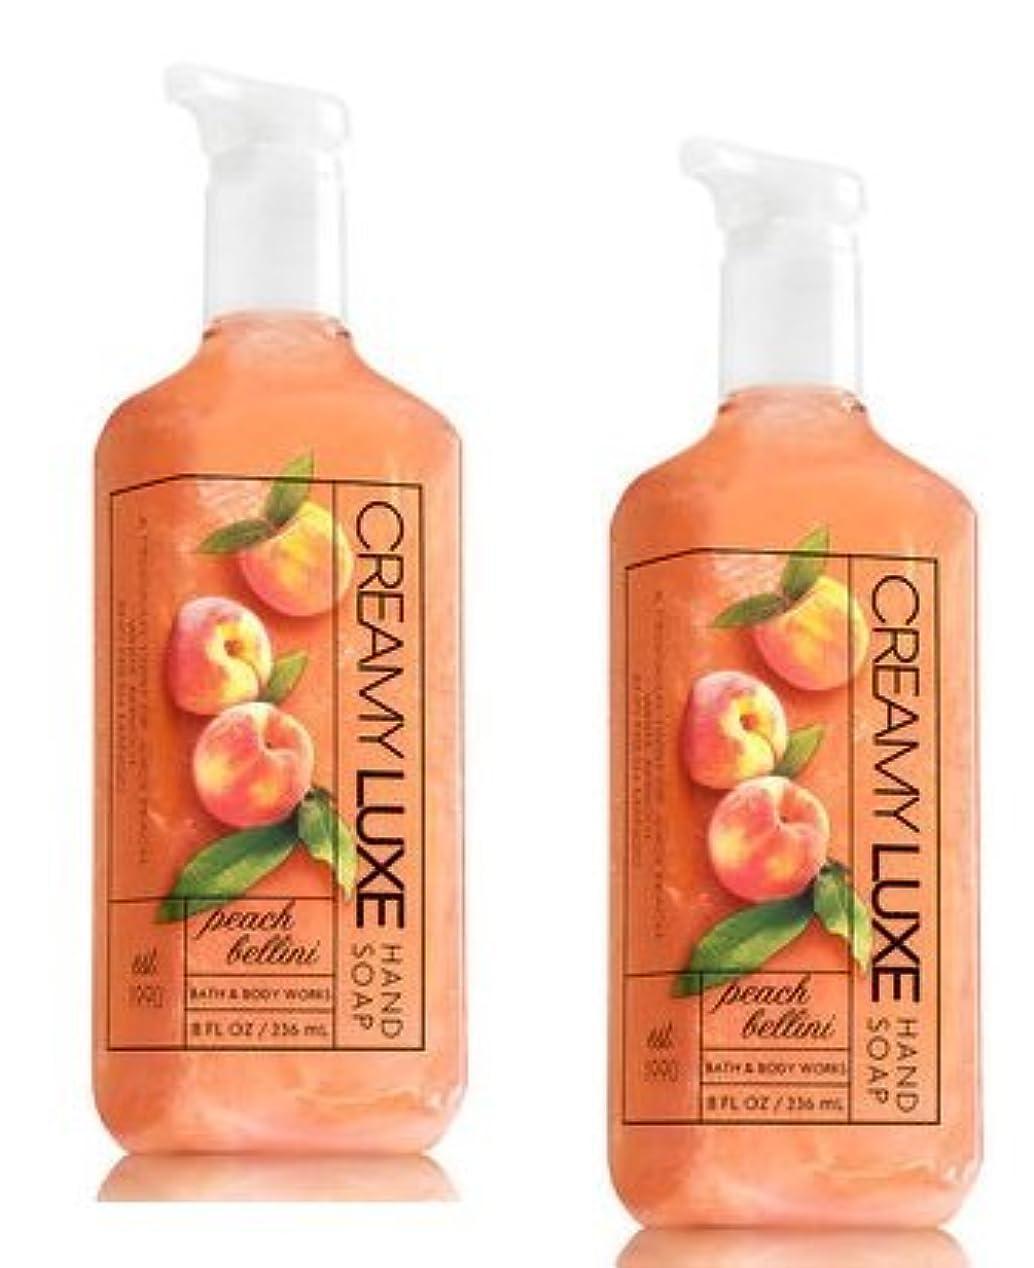 バンカー管理者シャーロットブロンテBath & Body Works ピーチベリーニ クリーミー リュクス ハンドソープ 2本セット PEACH BELLINI Creamy Luxe Hand Soap. 8 oz 236ml [並行輸入品]